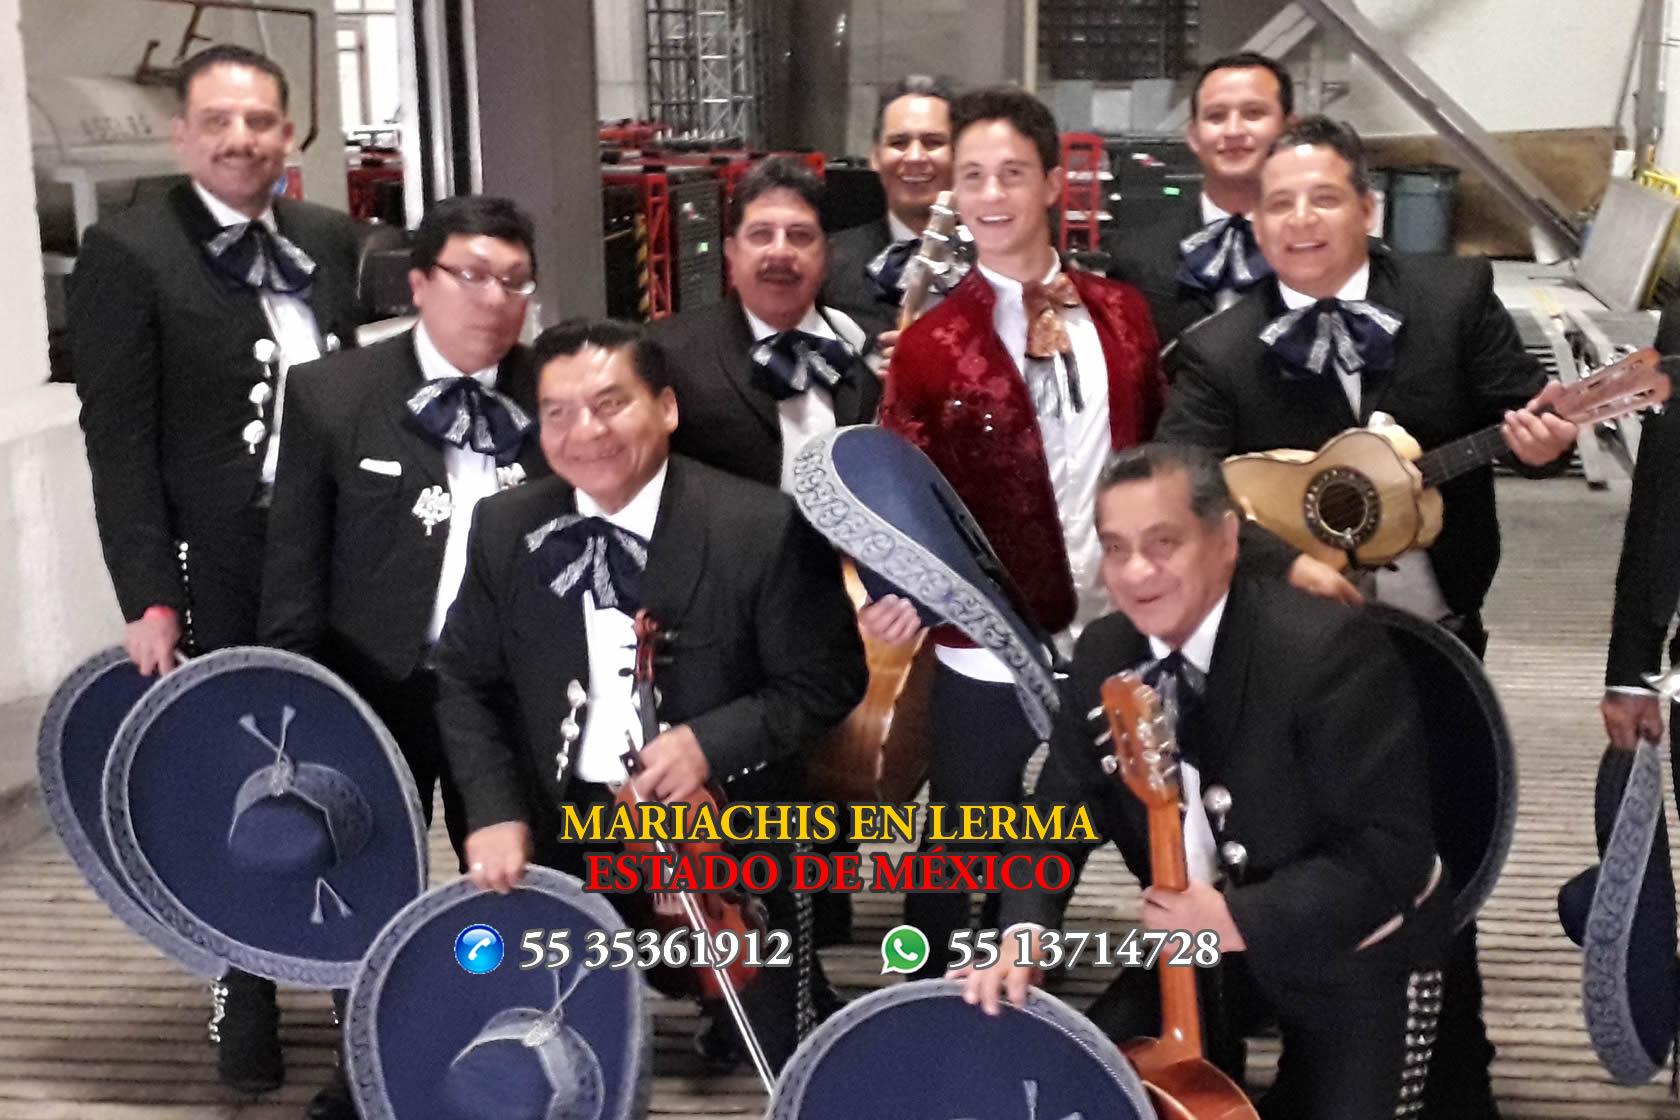 Mariachis en Lerma